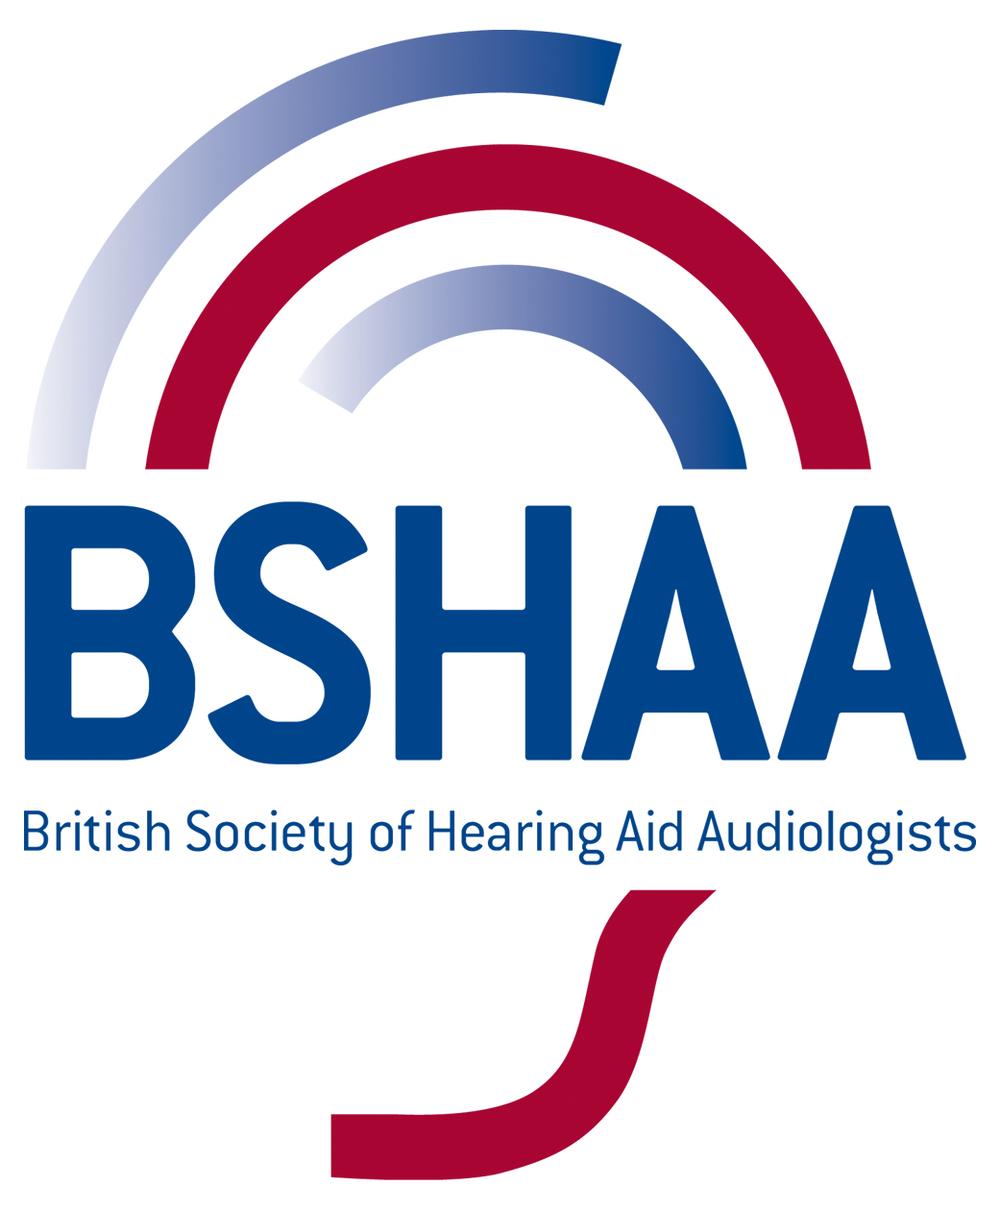 bshaa logo large.jpg